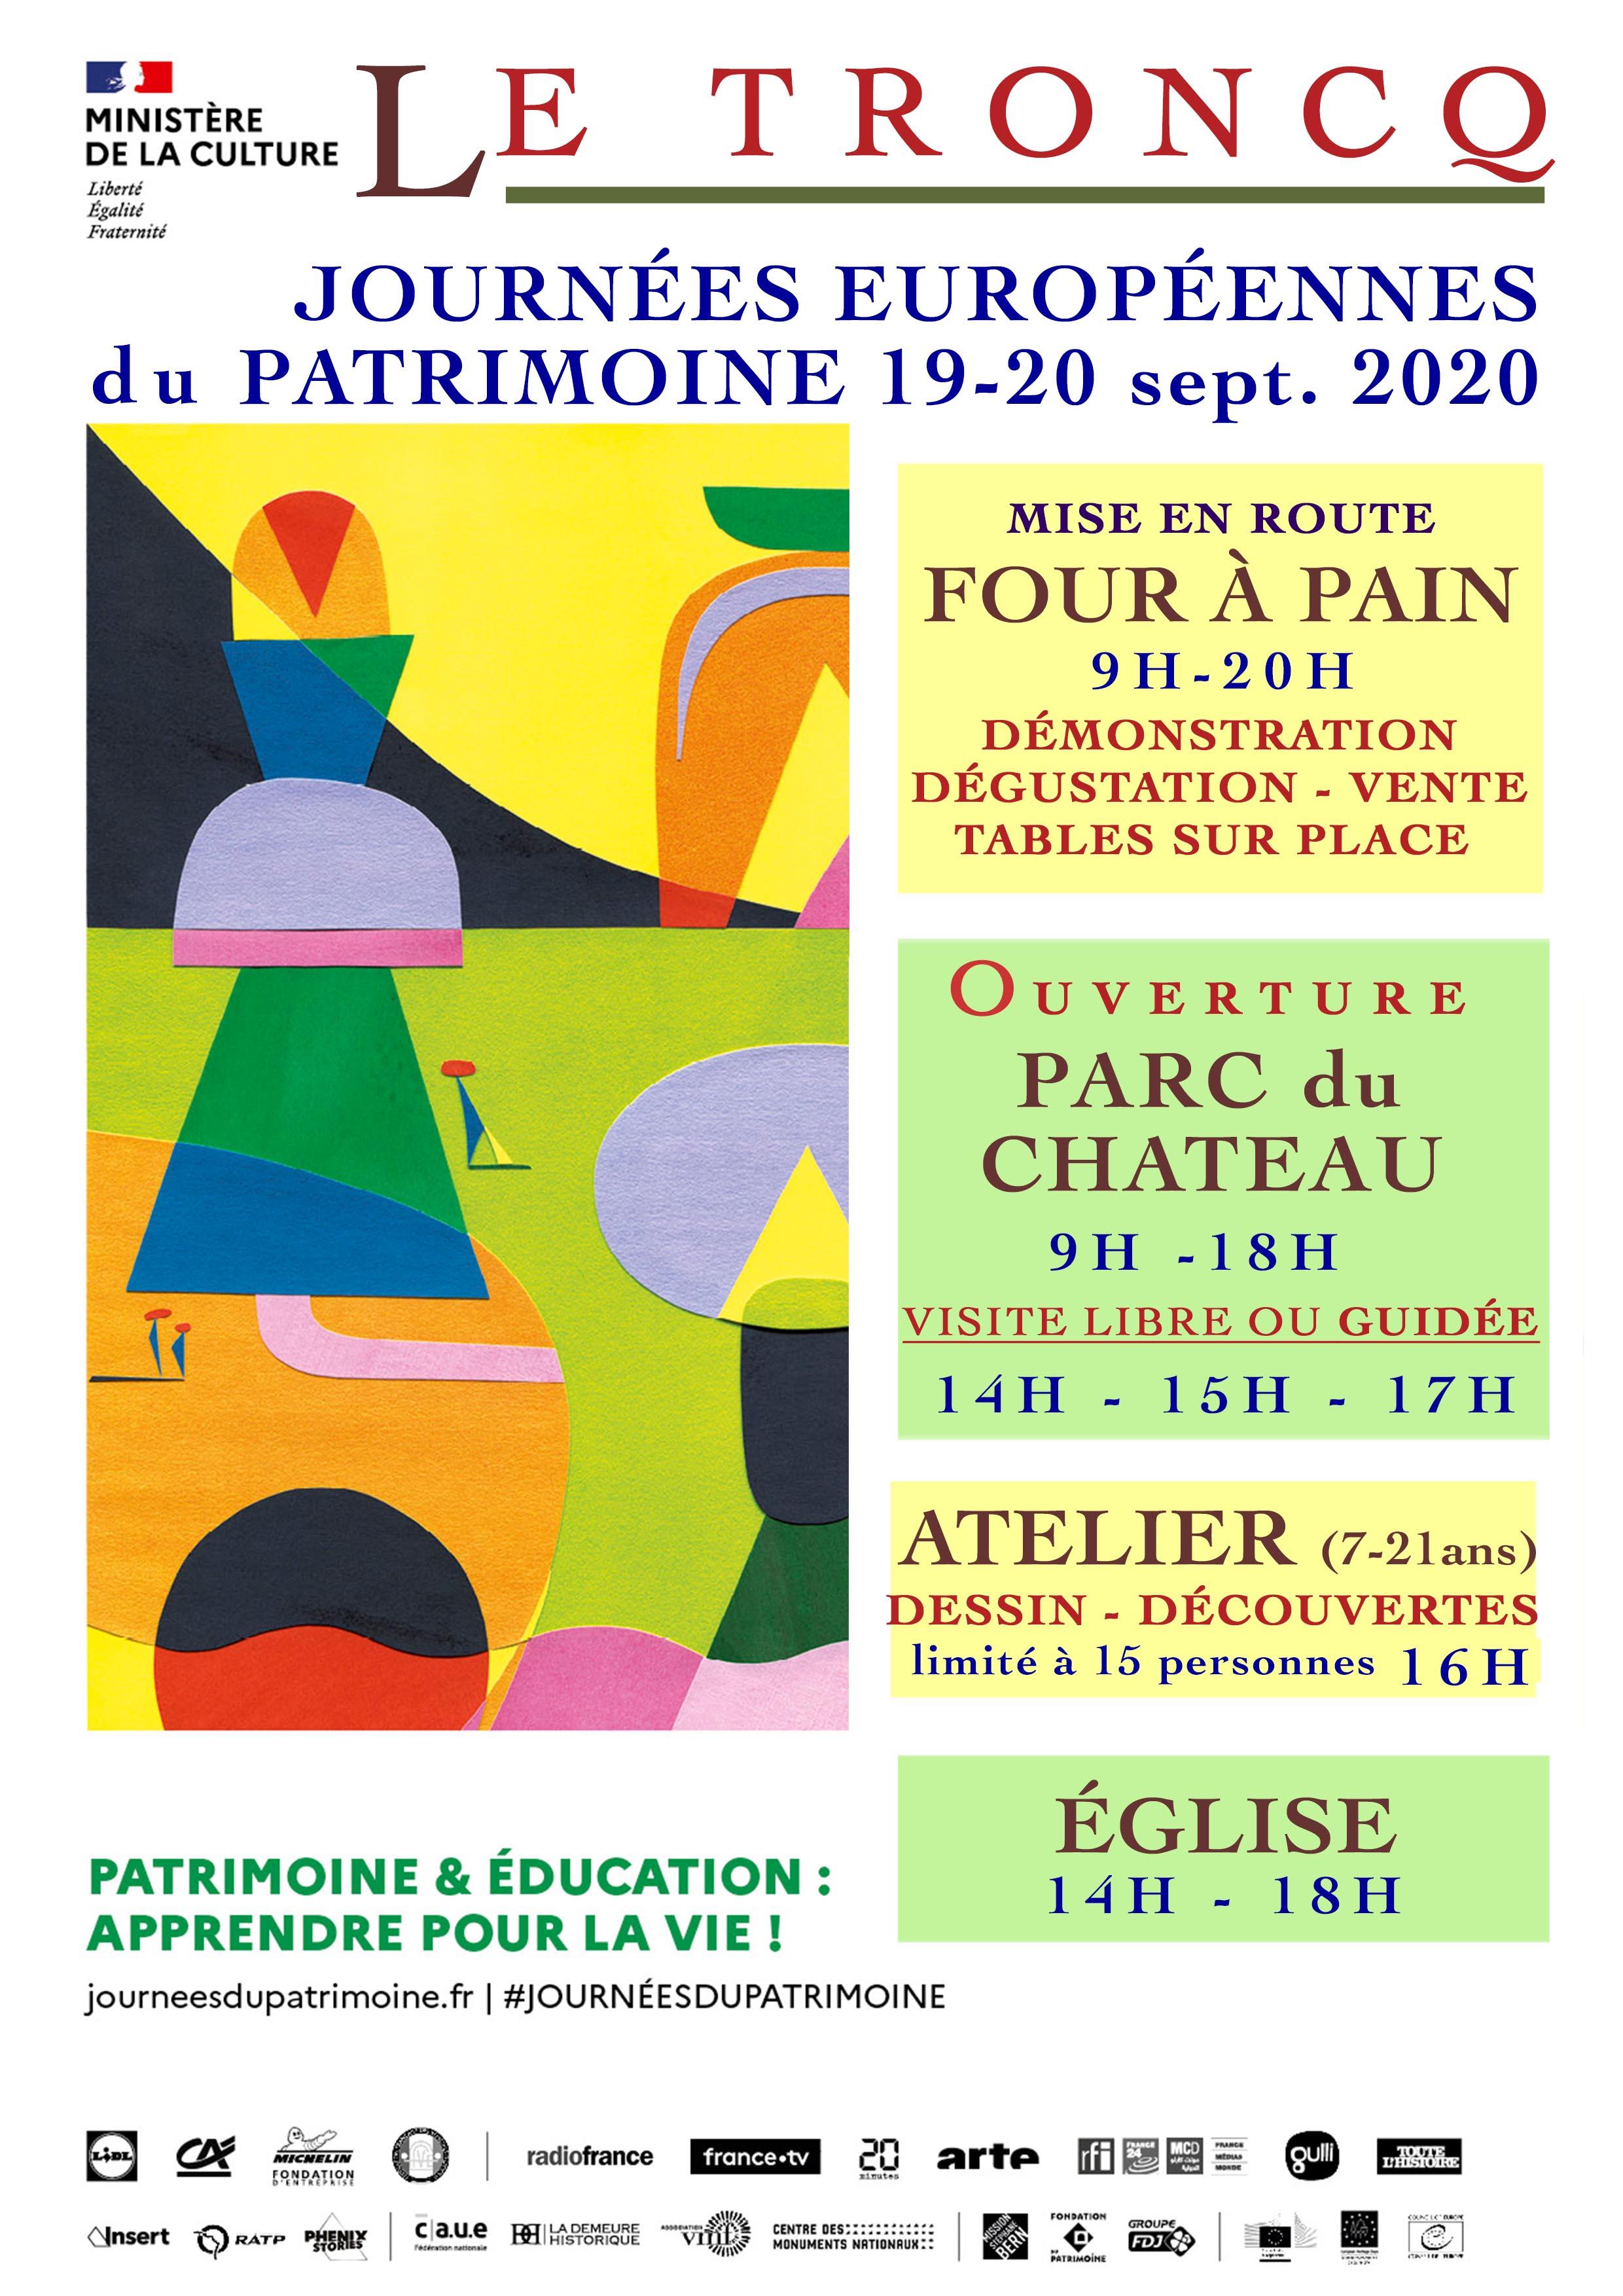 JEP 2020 - Affiche A4 personnalisée Le Troncq